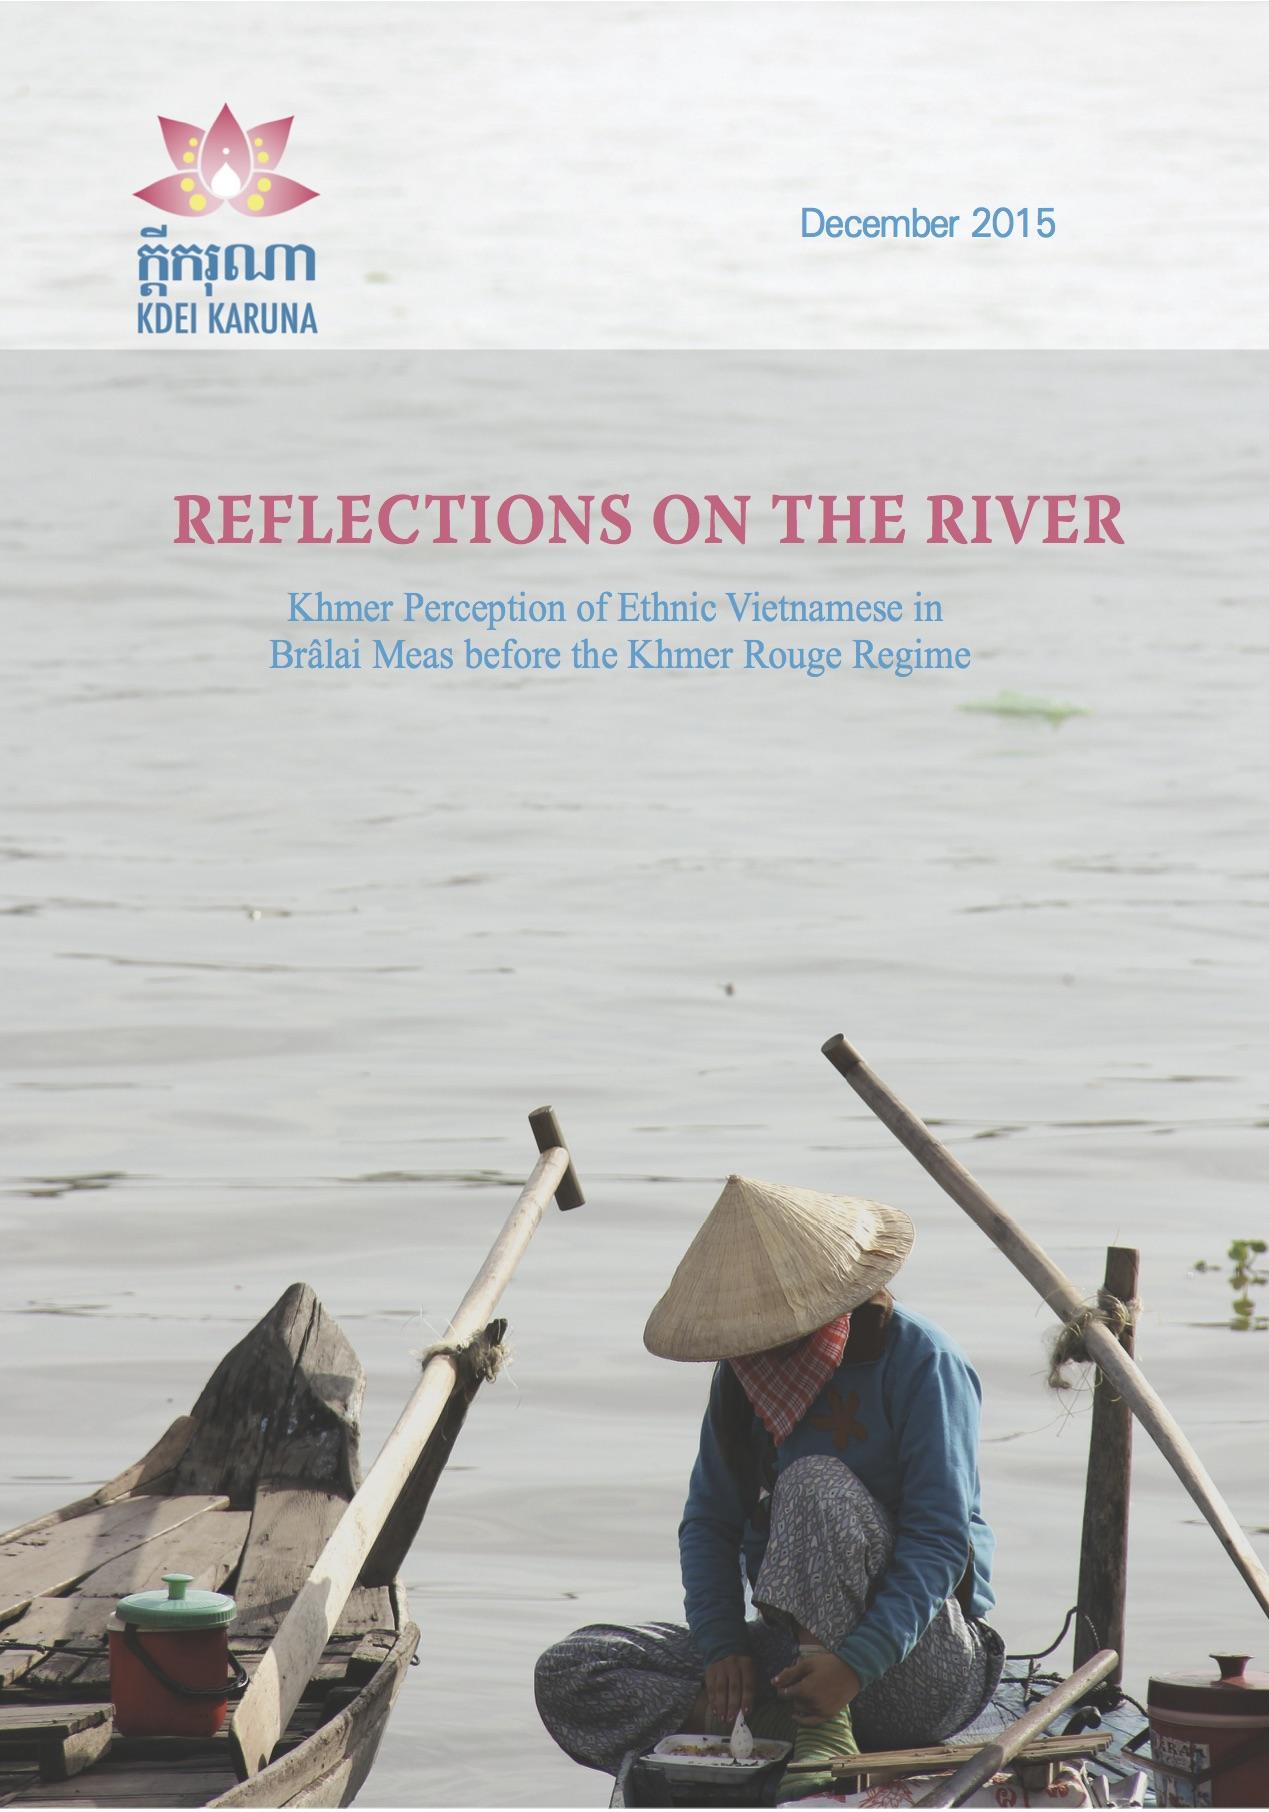 - Khmer perception of Ethnic Vietnamese before the Khmer Rouge